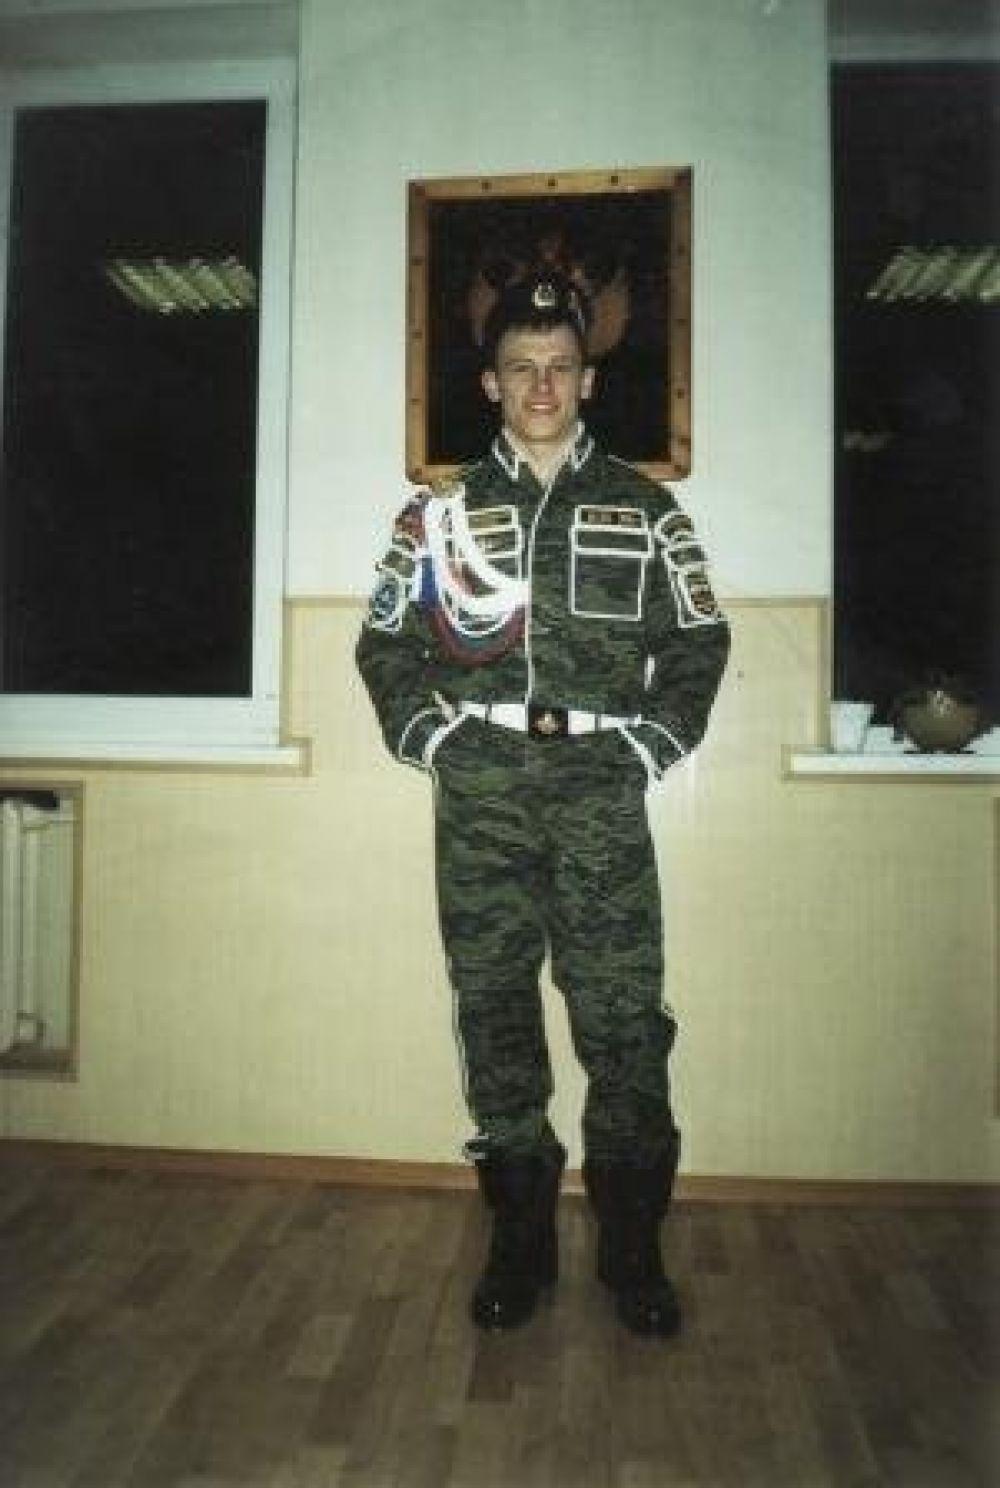 Участник №4: Рустем Юсупов, служил в военно космических силах в г. Краснознаменск московской области.